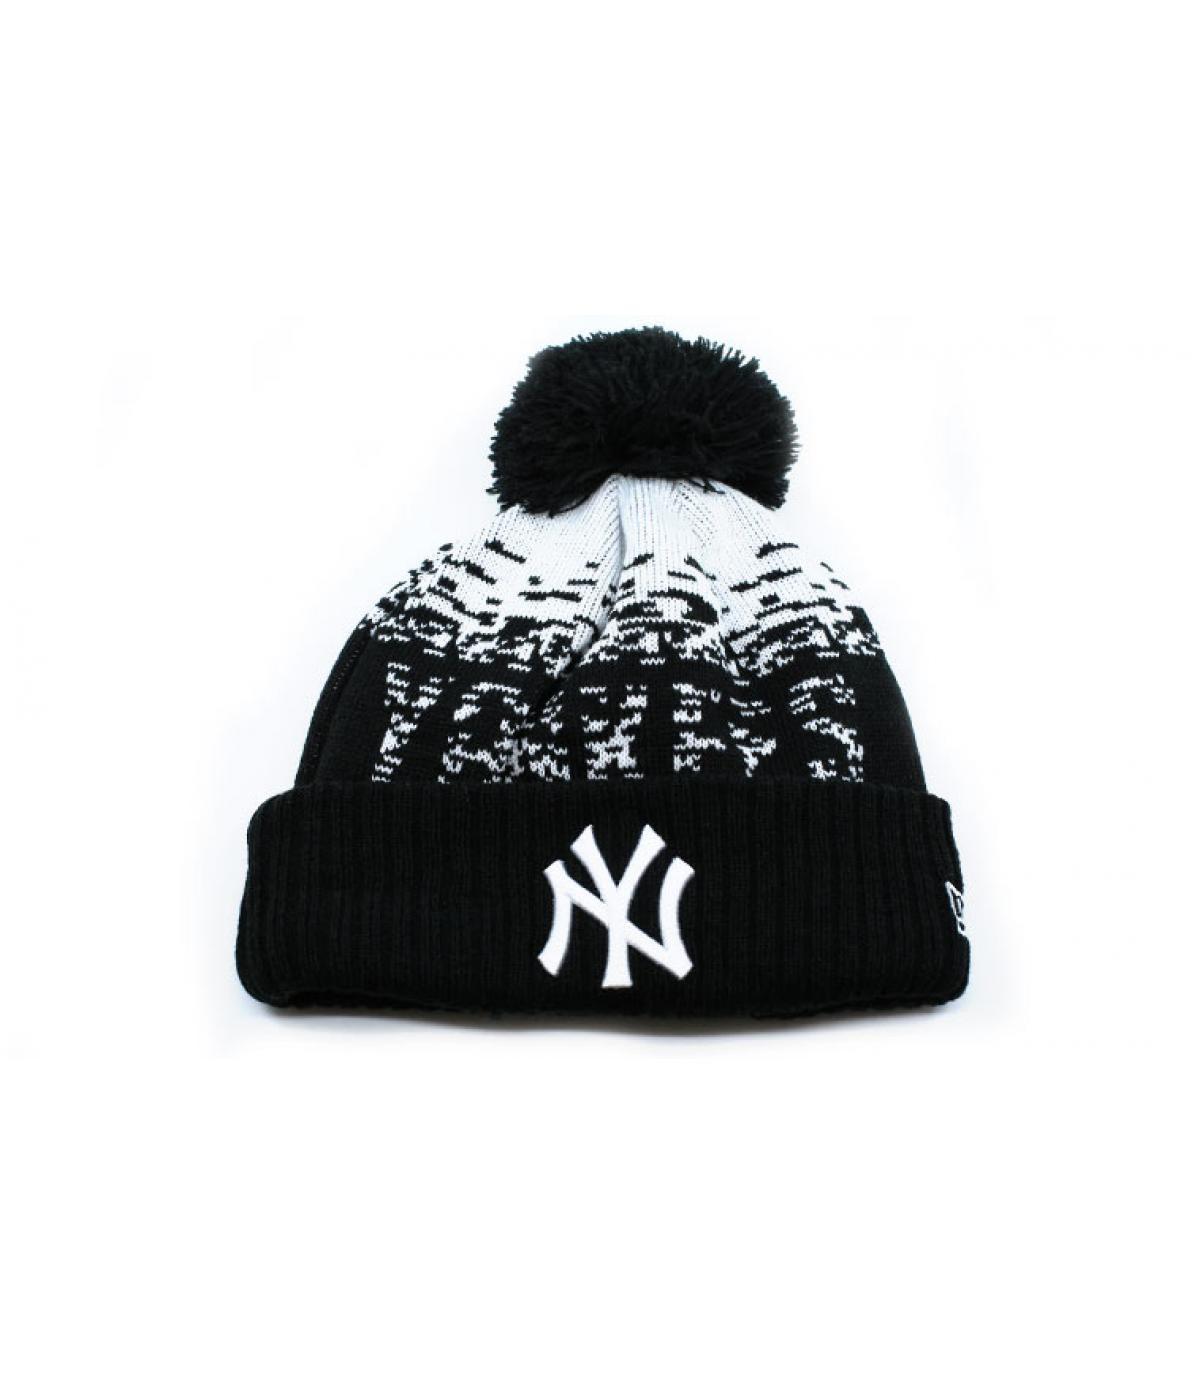 Details Kids NY MLB Sport Knit - afbeeling 2